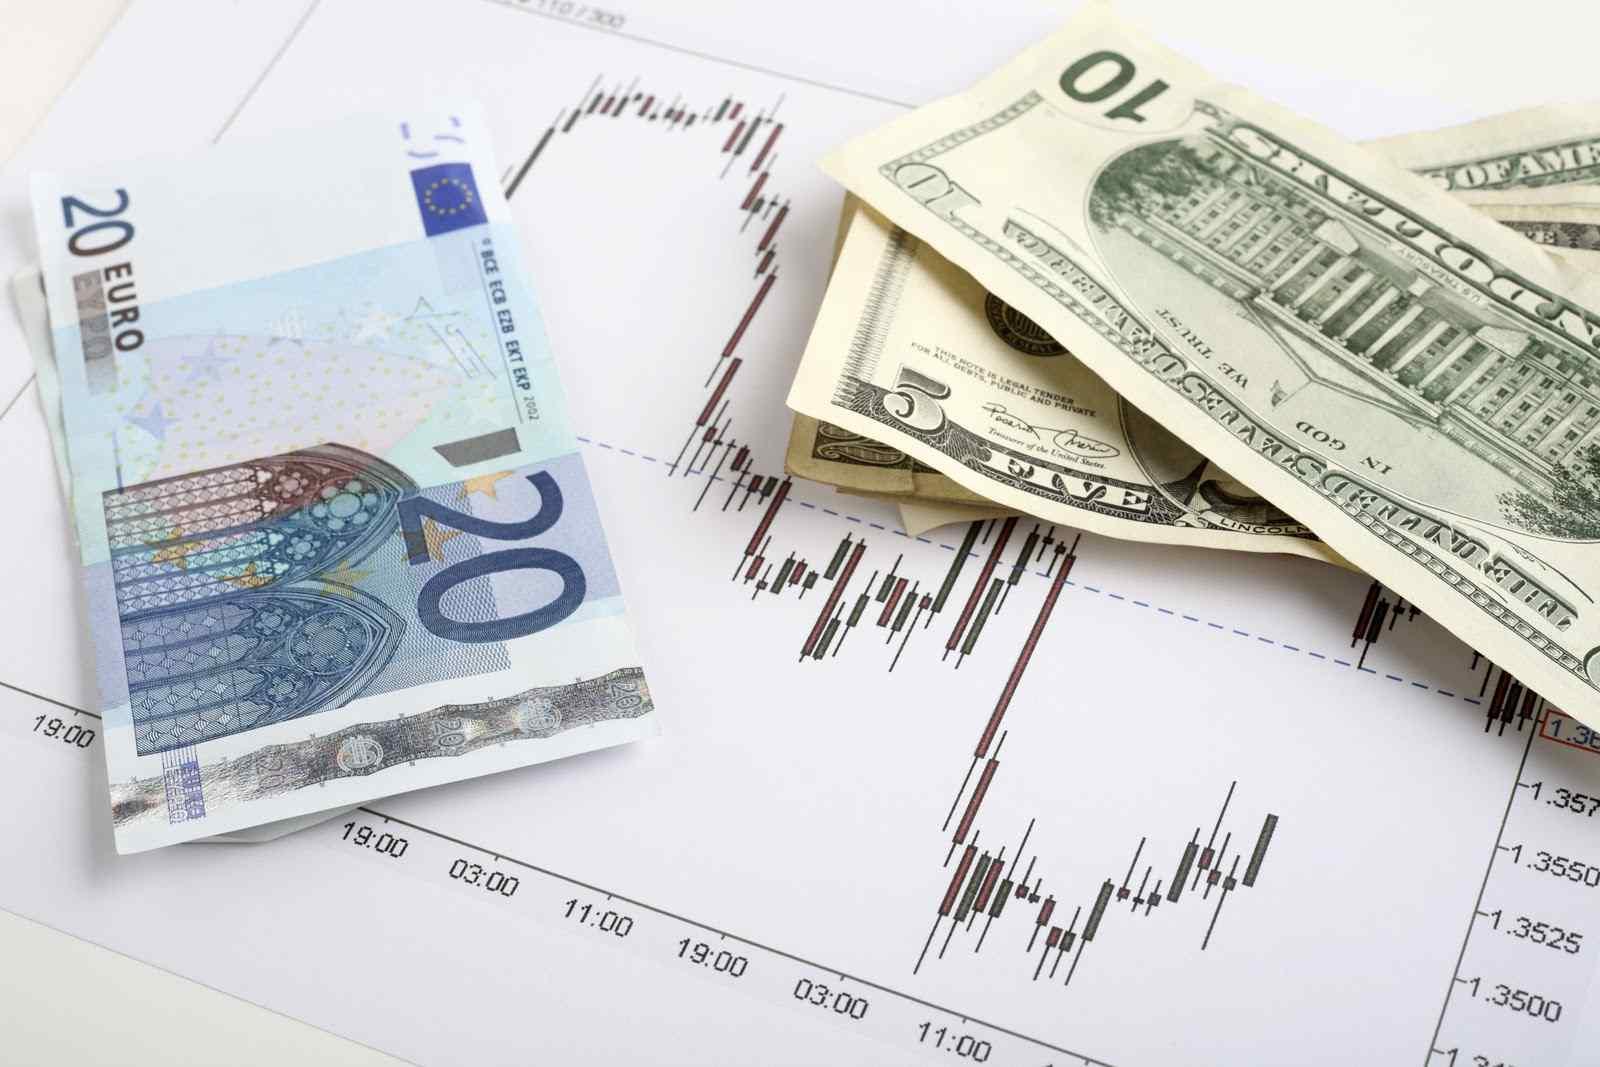 اليورو ينخفض مقابل الدولار أدنى 1.1300